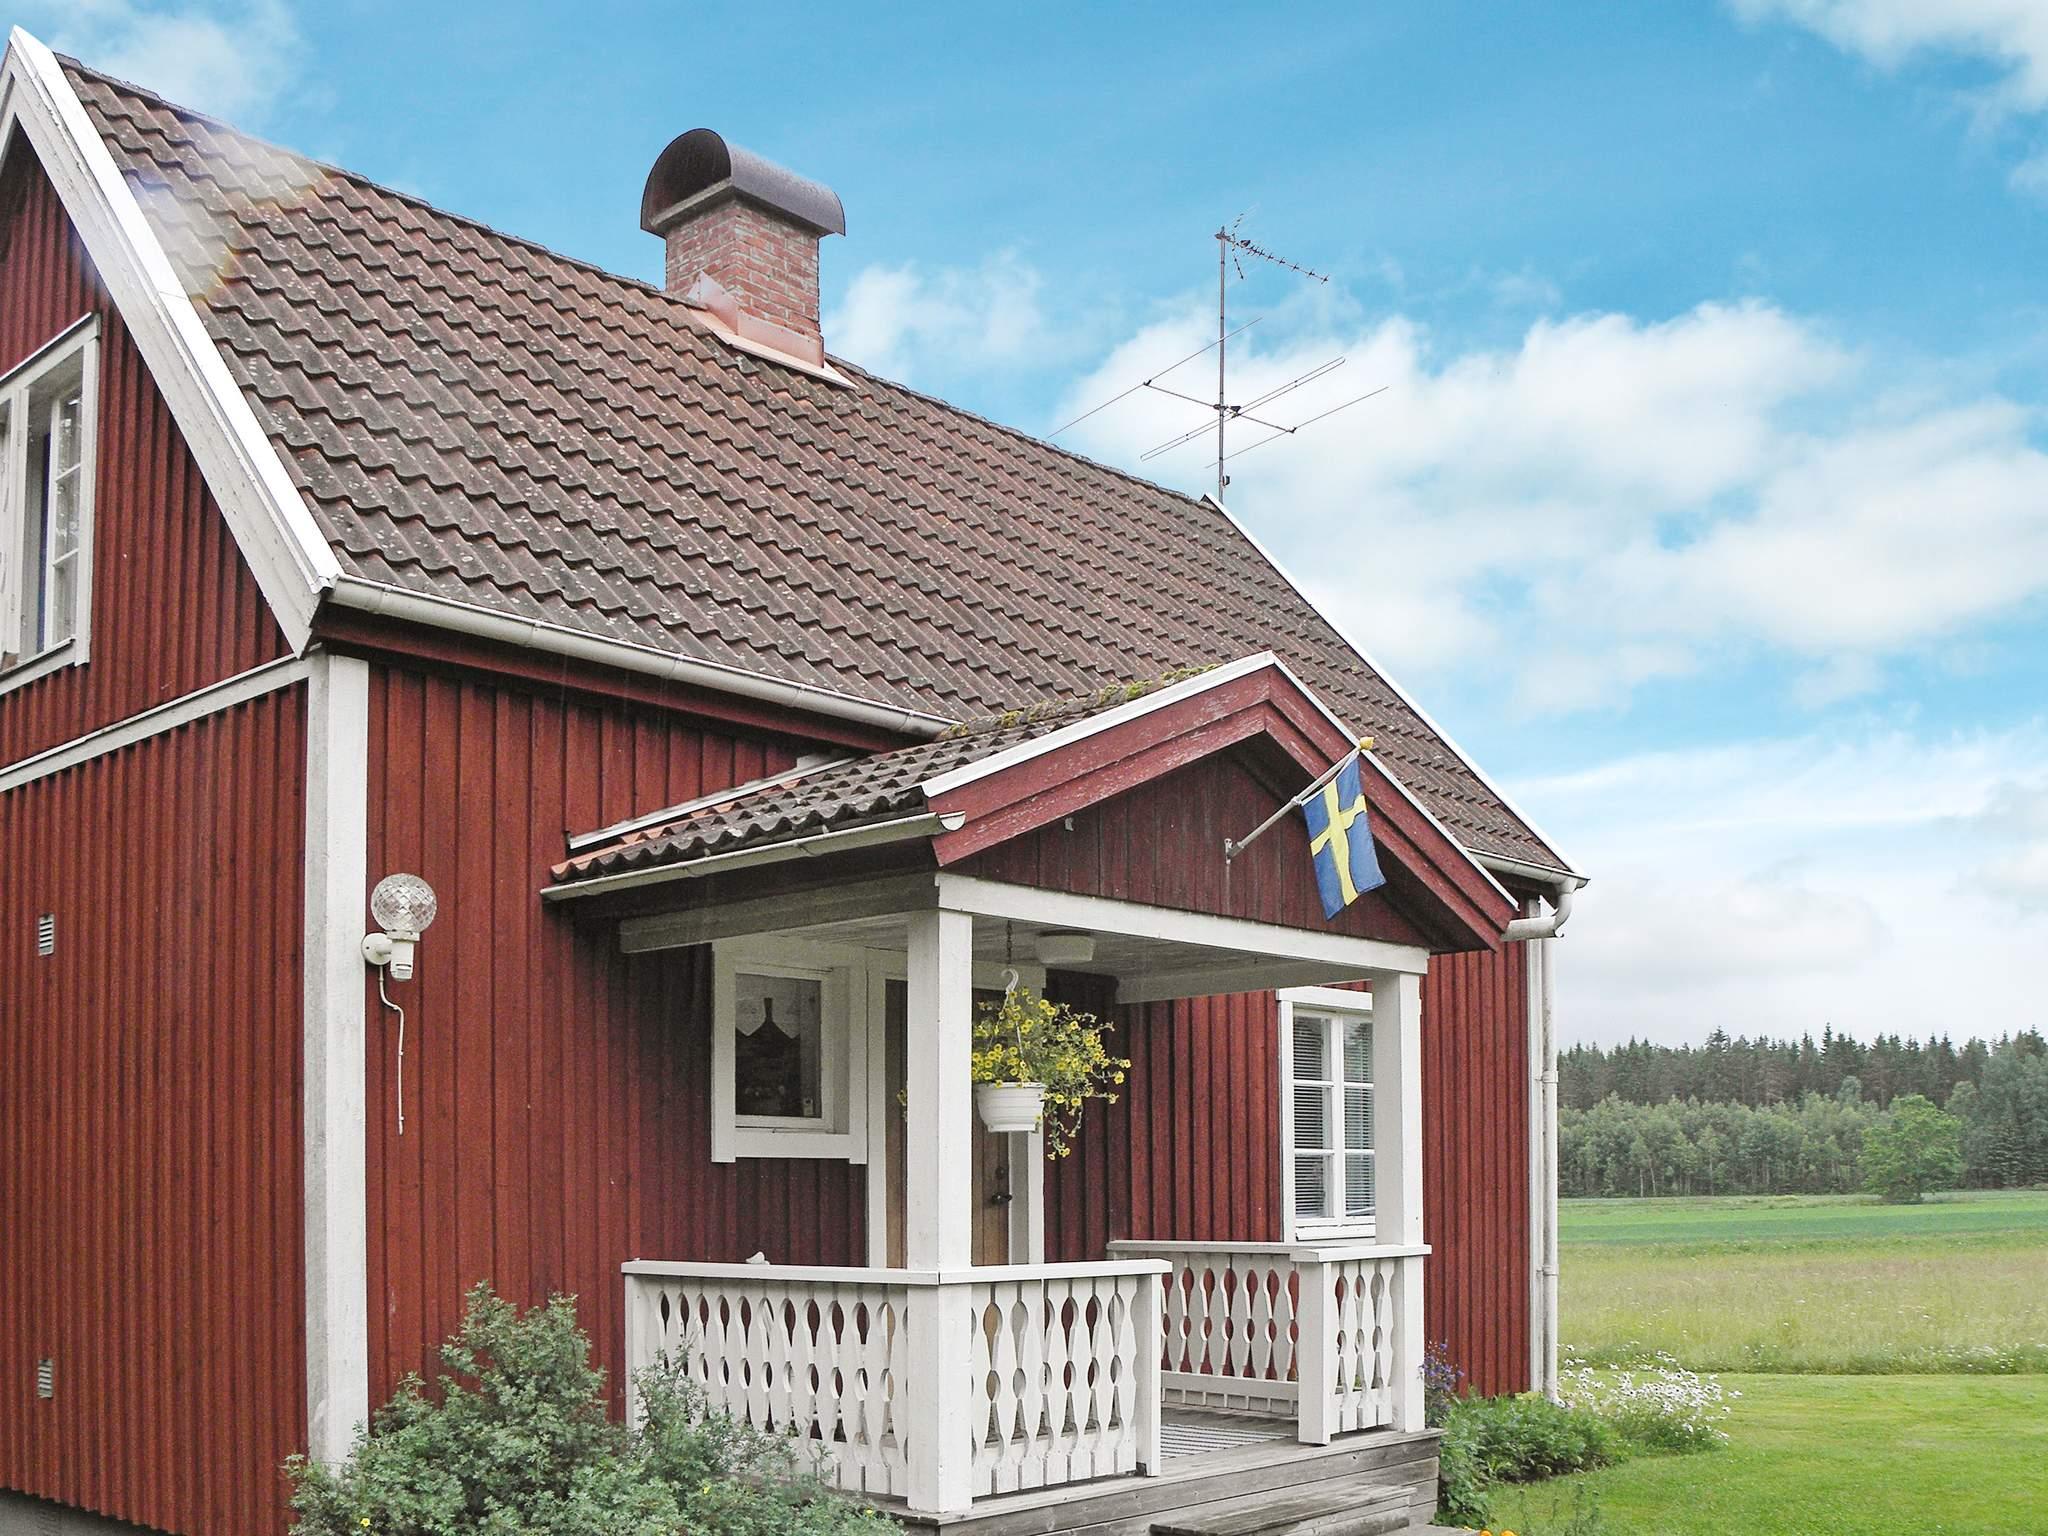 Ferienhaus Gullspång (82693), Gullspång, Västra Götaland län, Westschweden, Schweden, Bild 1